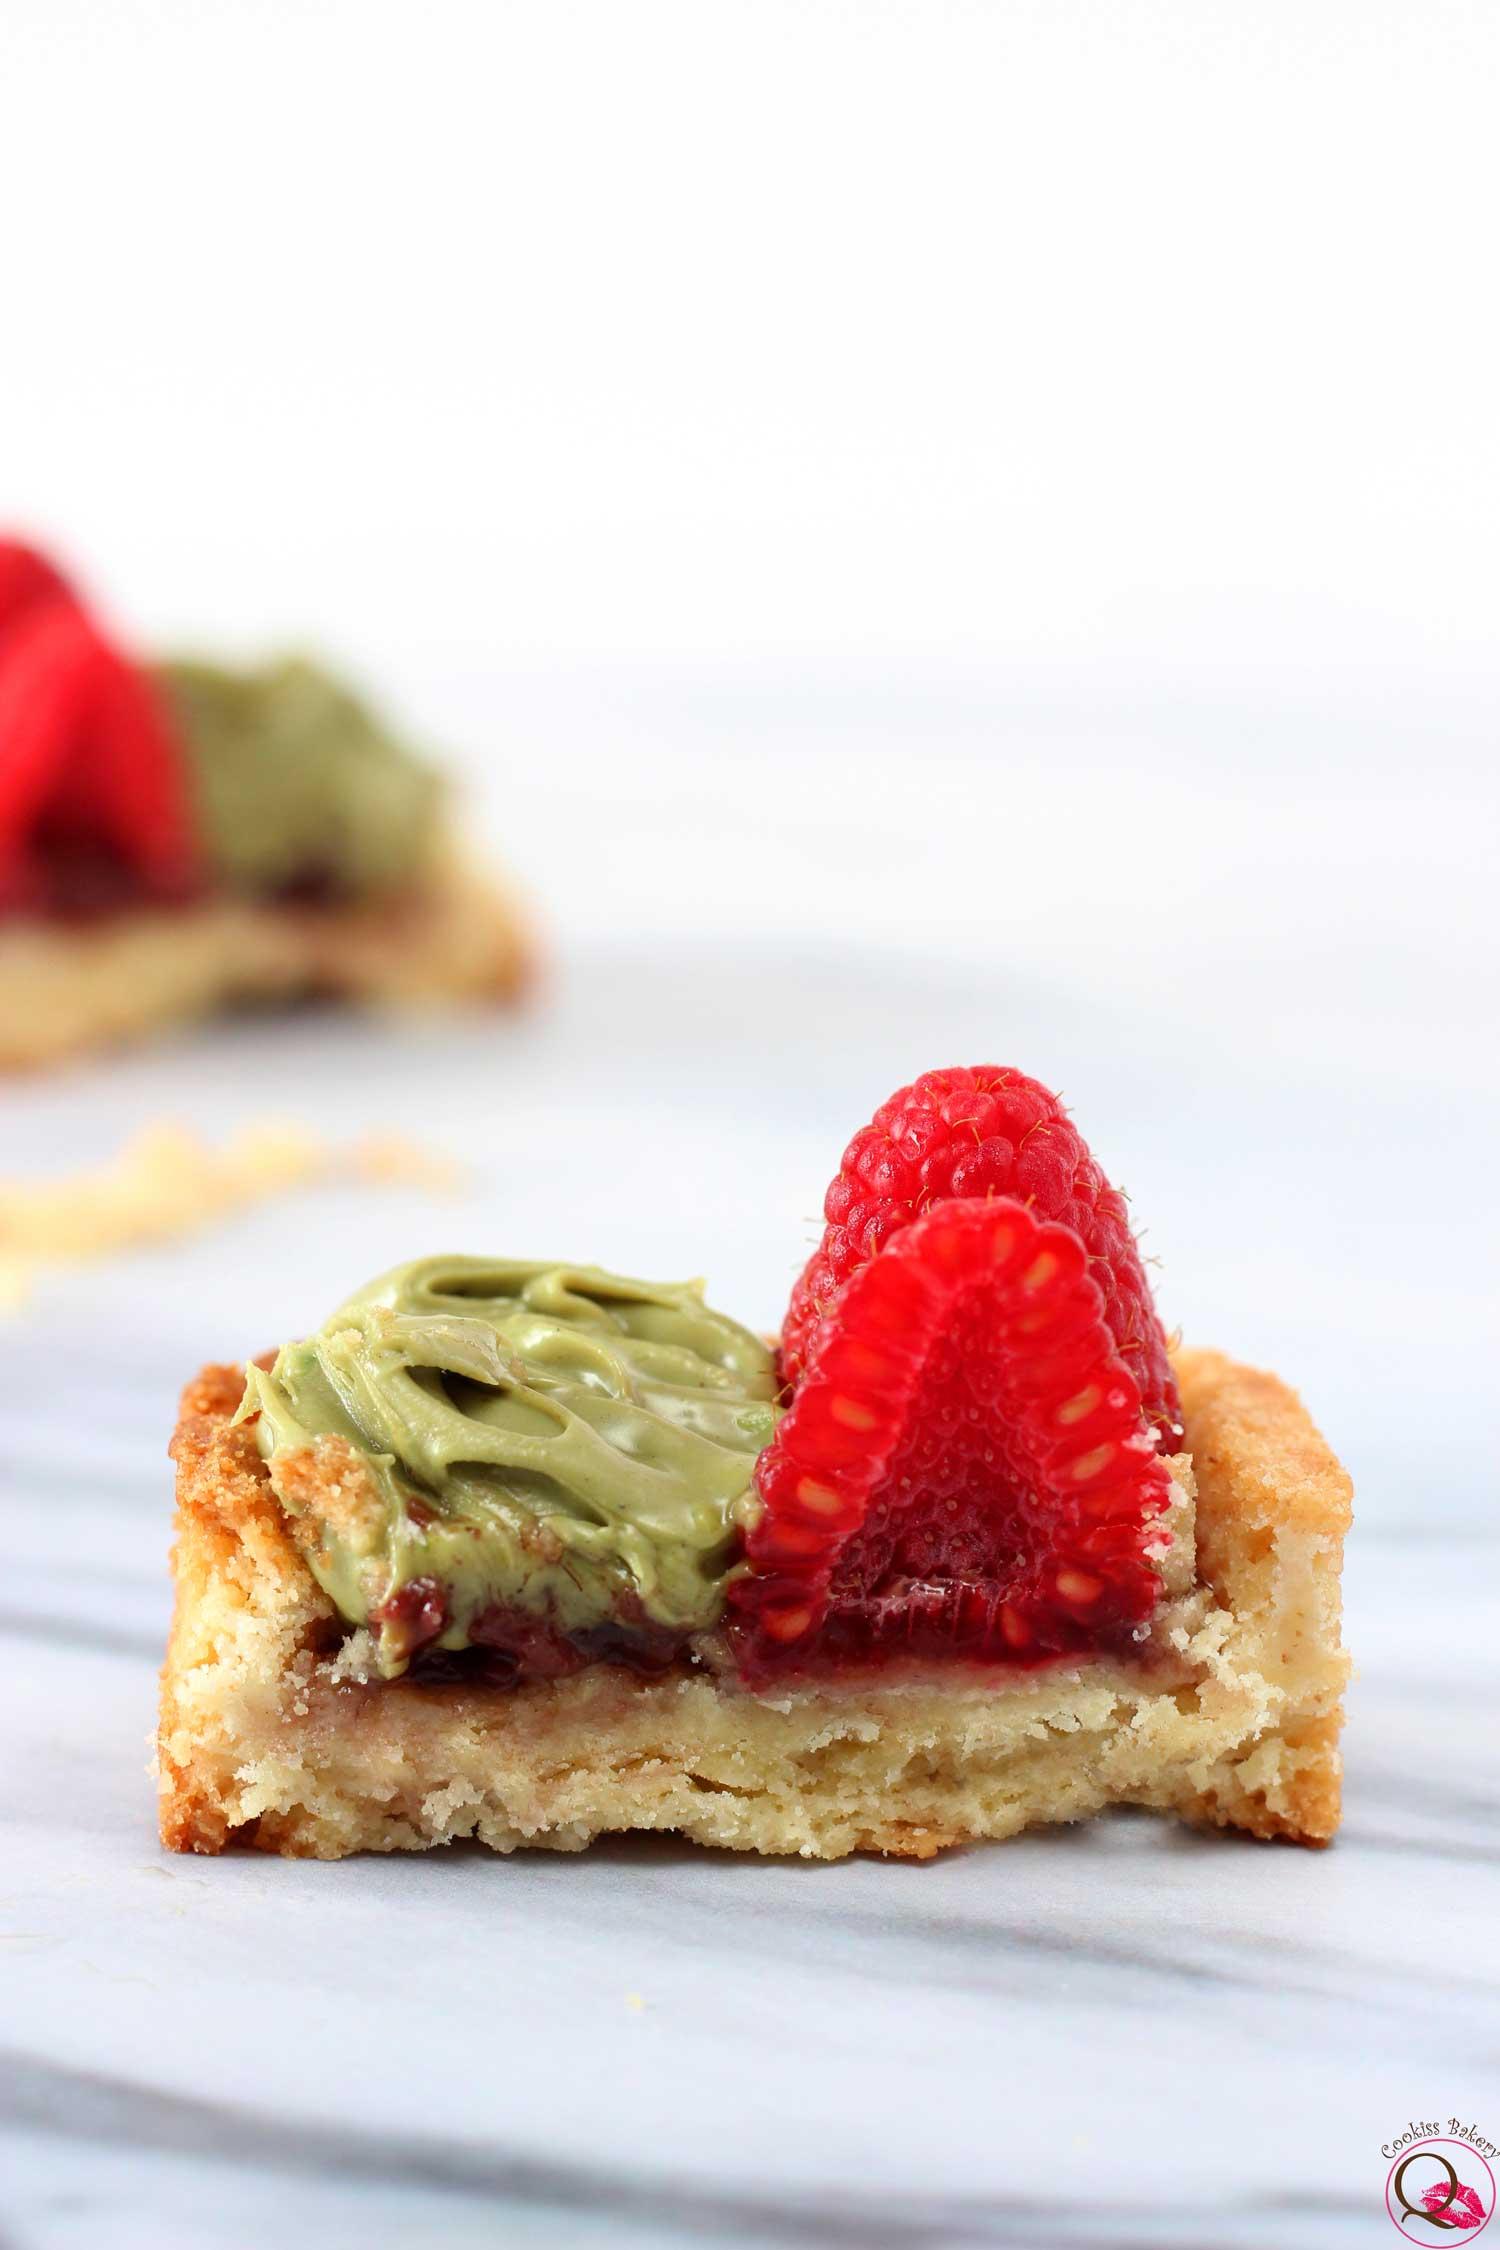 Crostatina ai lamponi e Nutella di pistacchio sezione